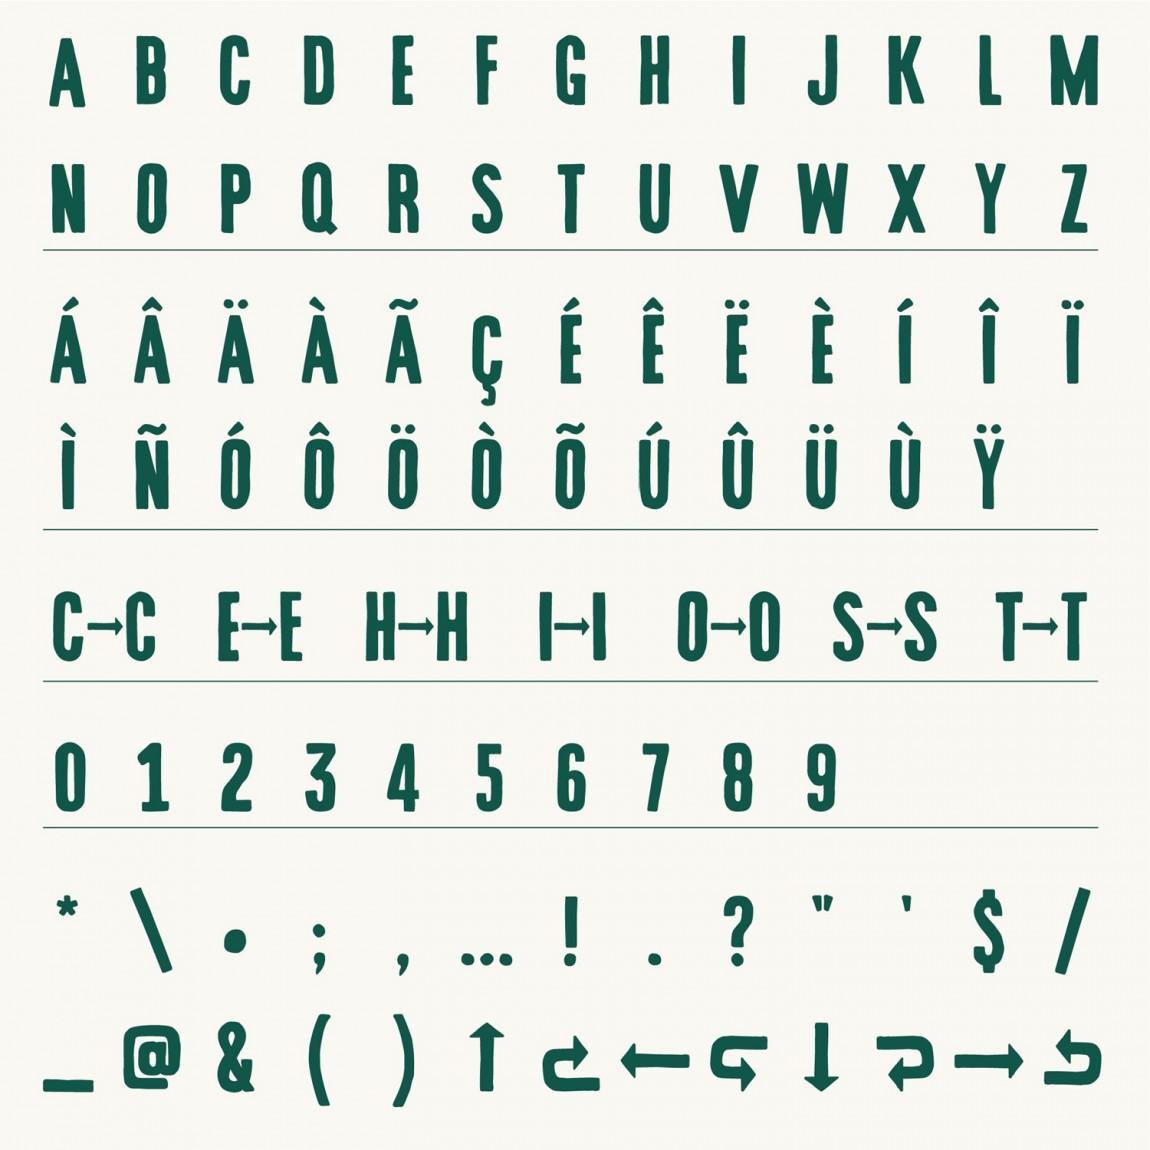 酒吧餐厅Embla餐饮品牌形象设计包装方案, 企业字体设计